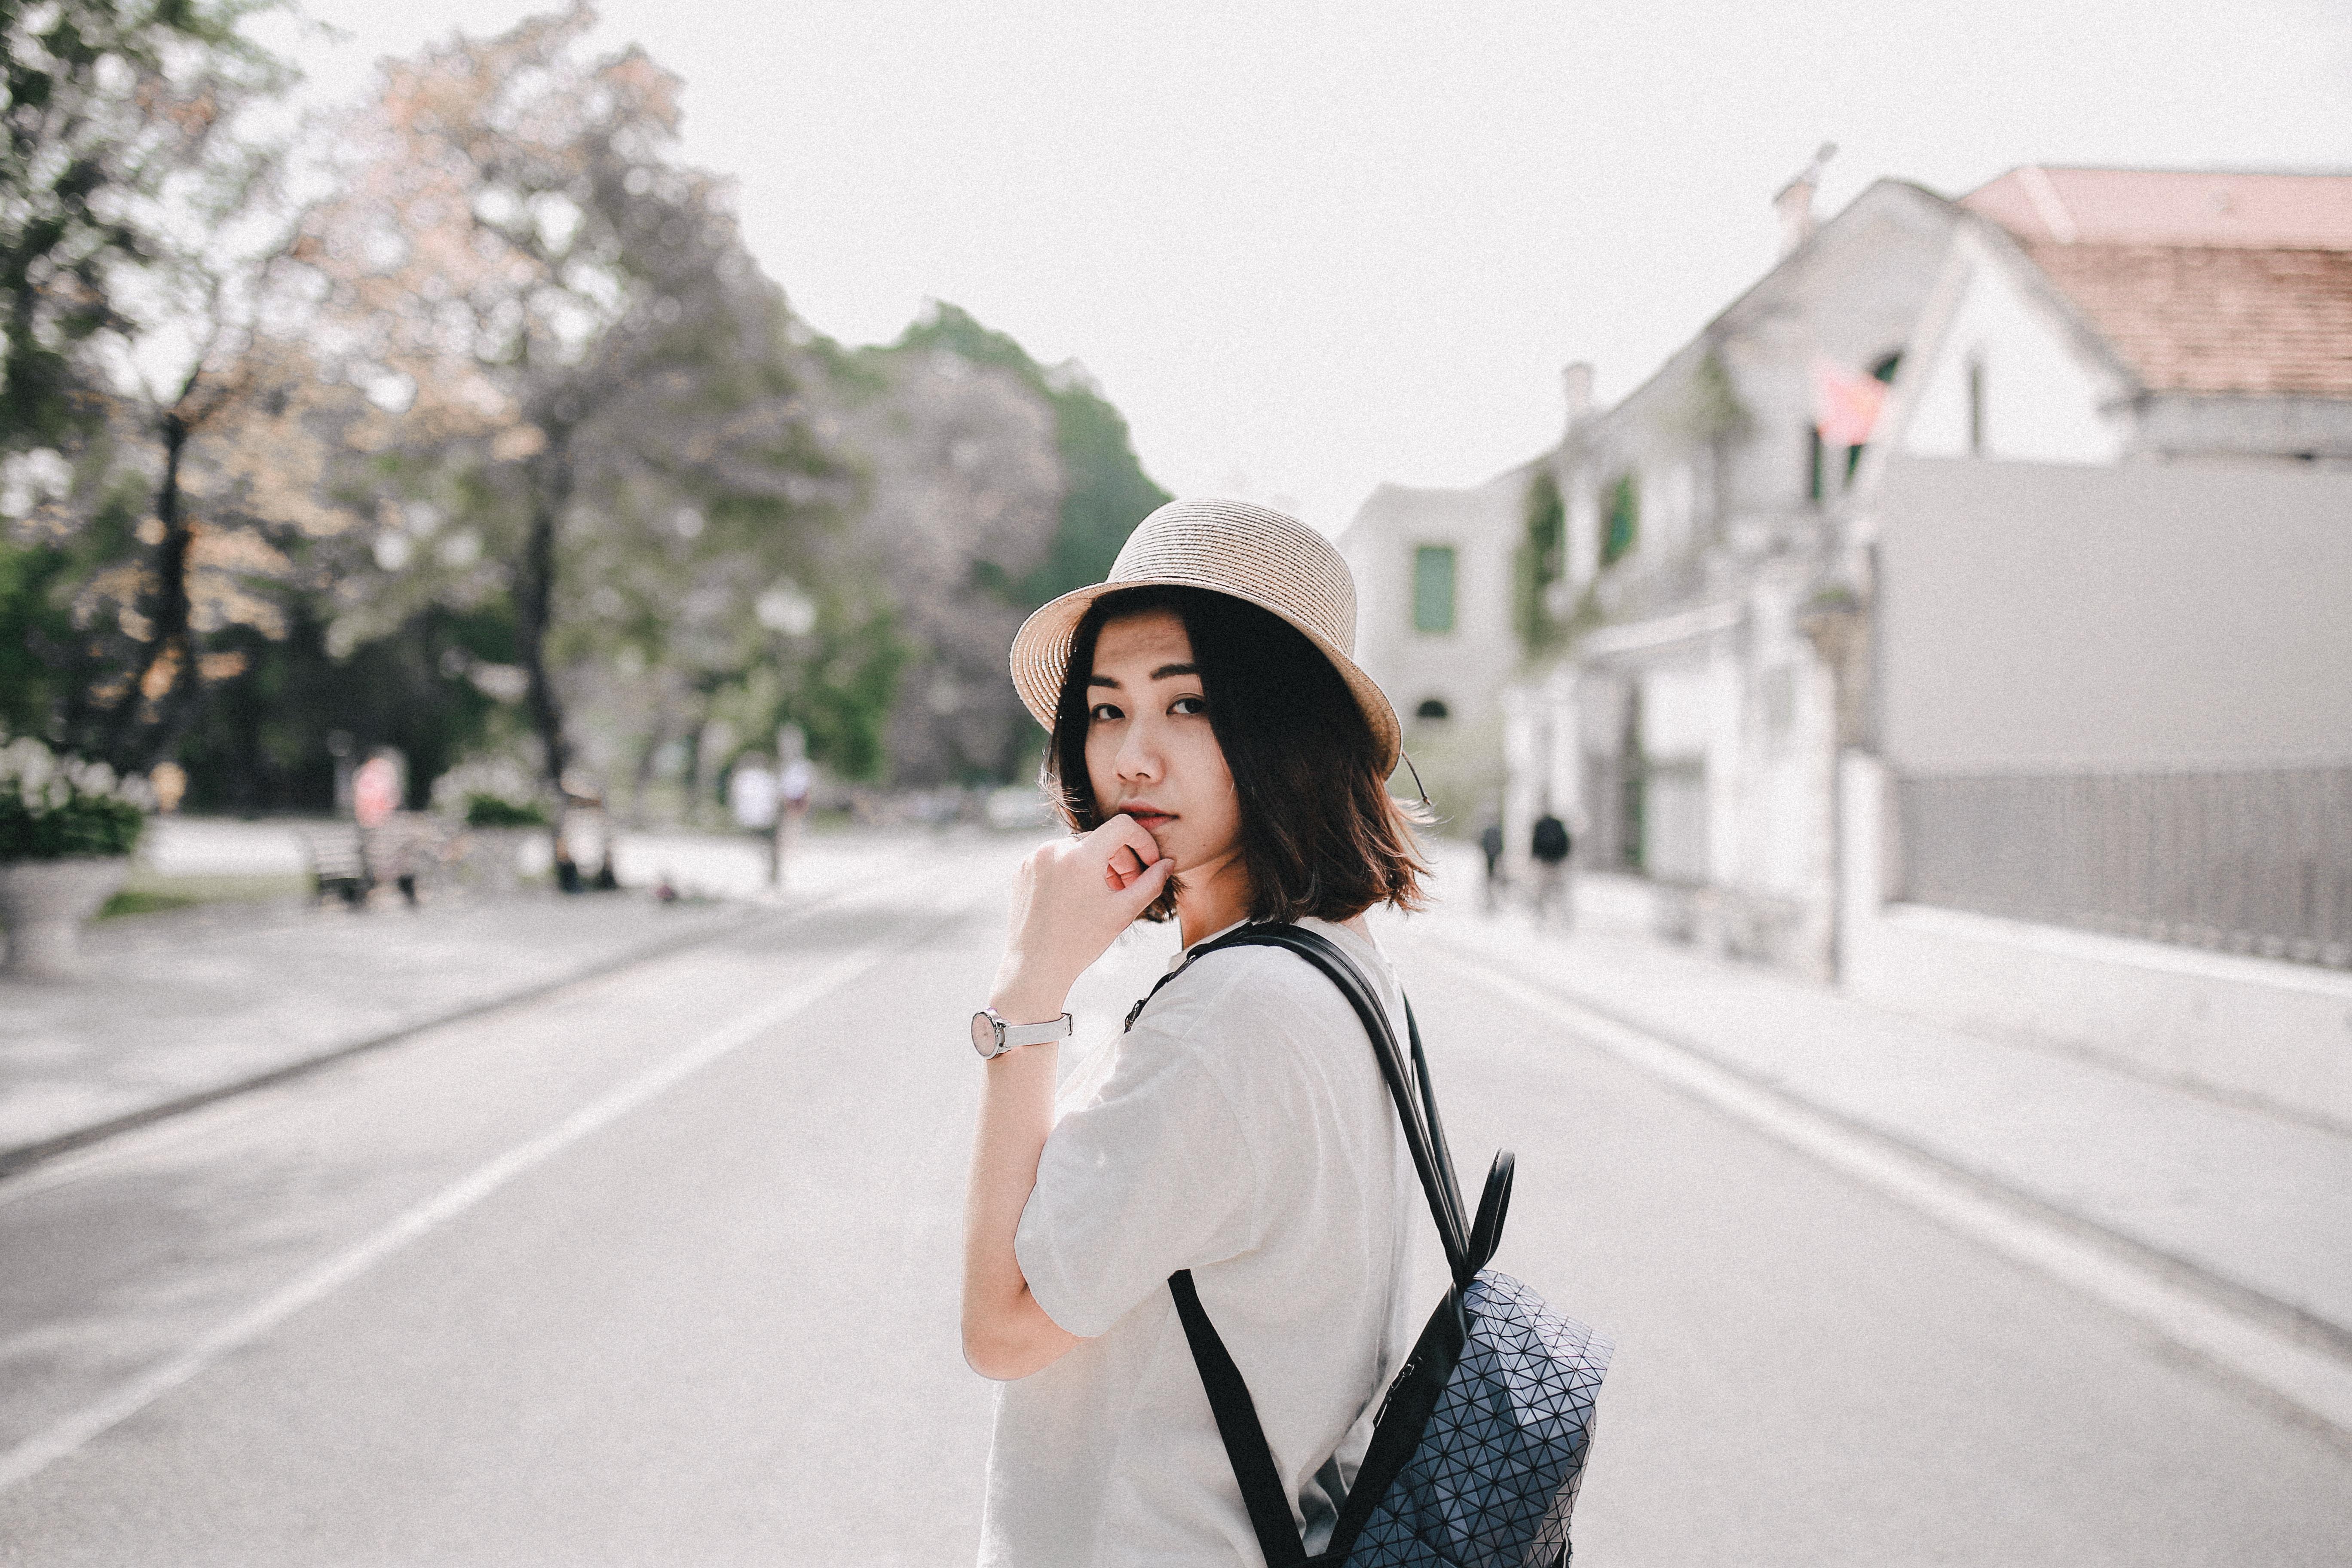 Gen. Z et Millennials en Chine : Vers un marketing différenciée ?